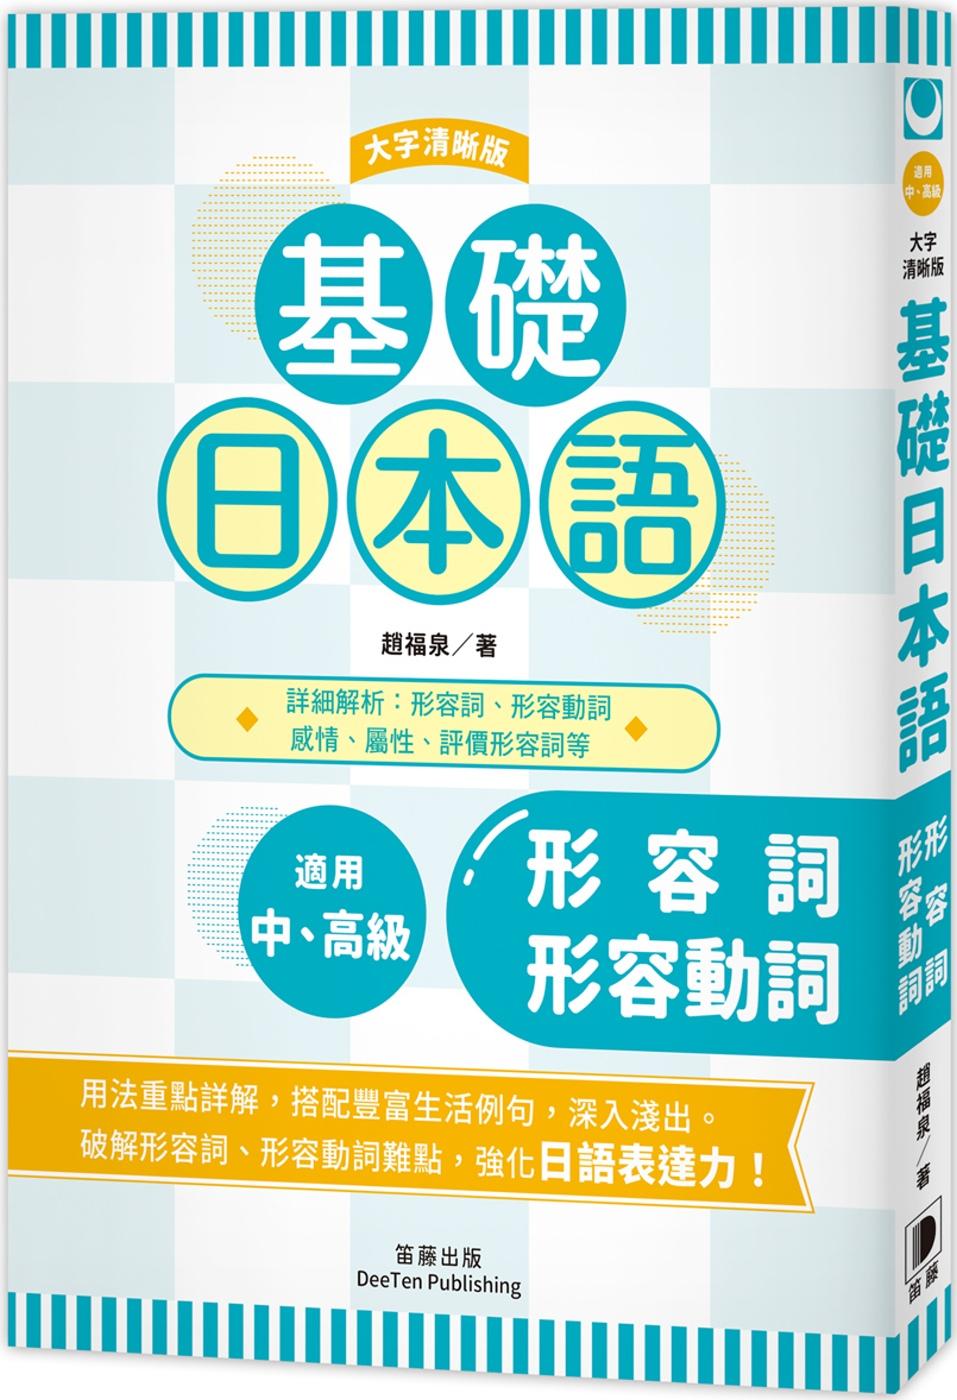 基礎日本語形容詞·形容動詞 〈大字清晰版〉:破解助動詞難點,強化日語表達力!